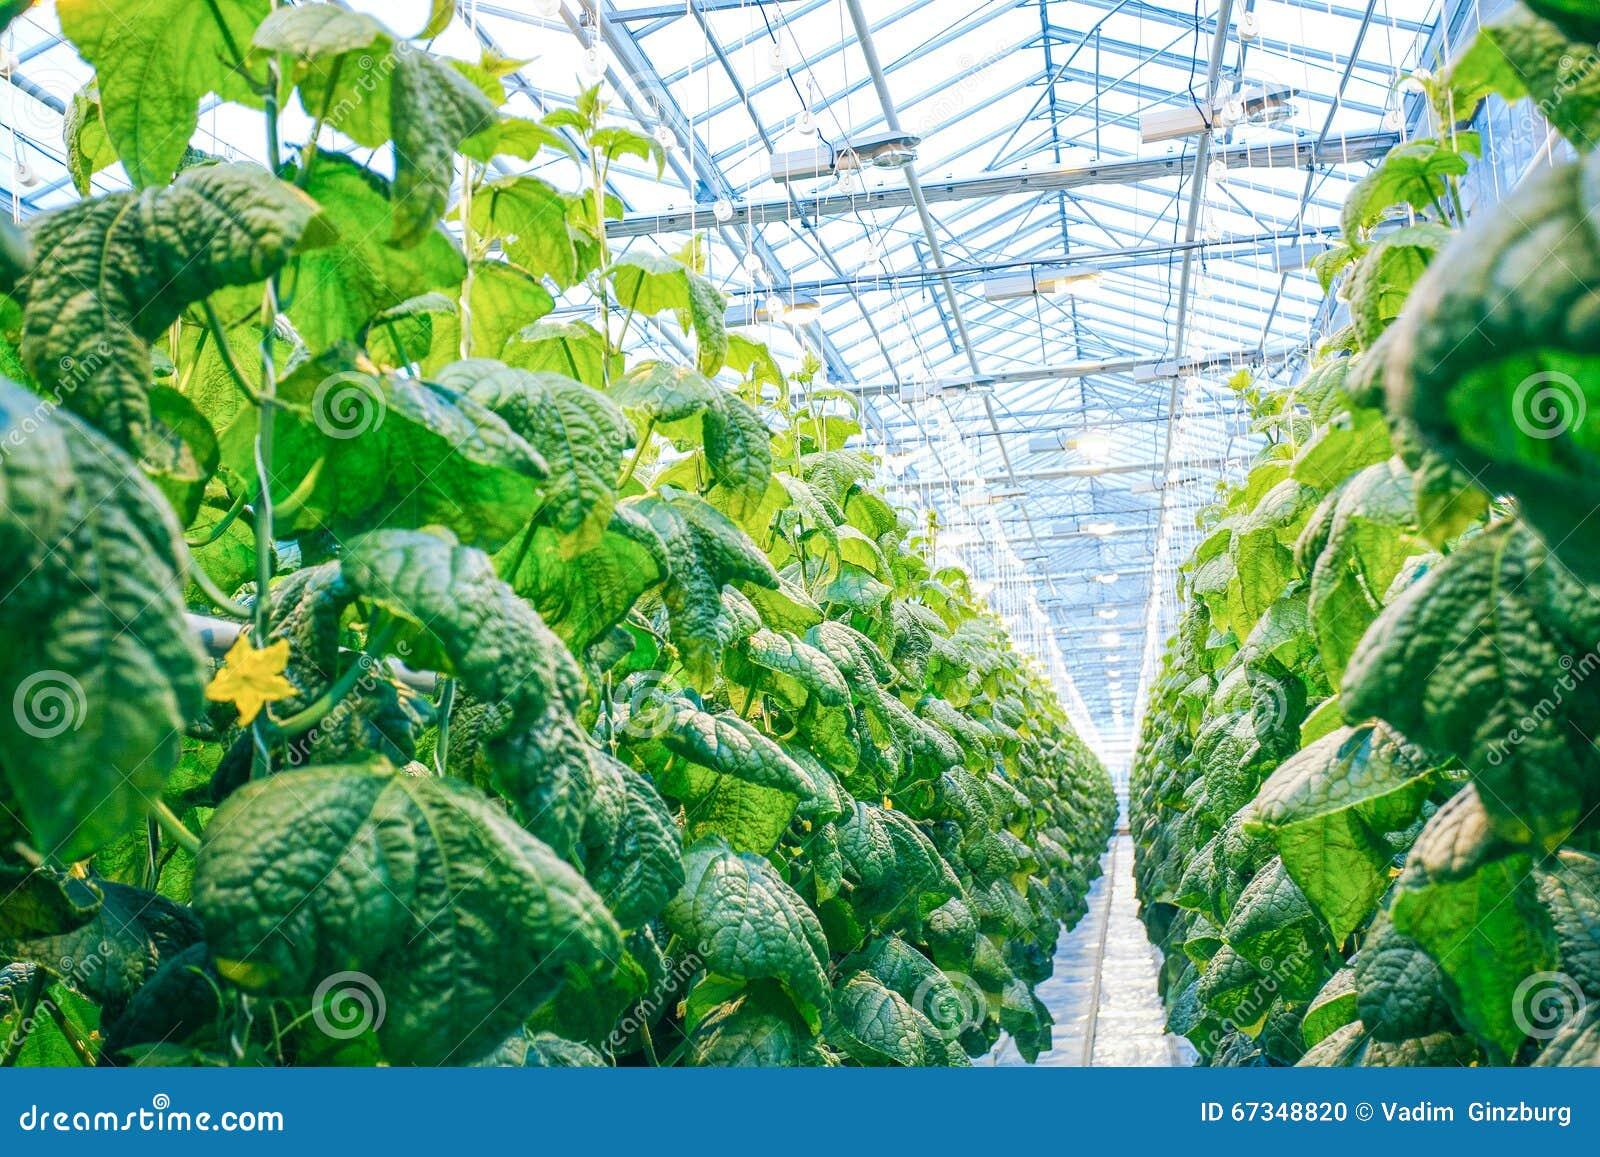 Grön skörd i modernt växthus